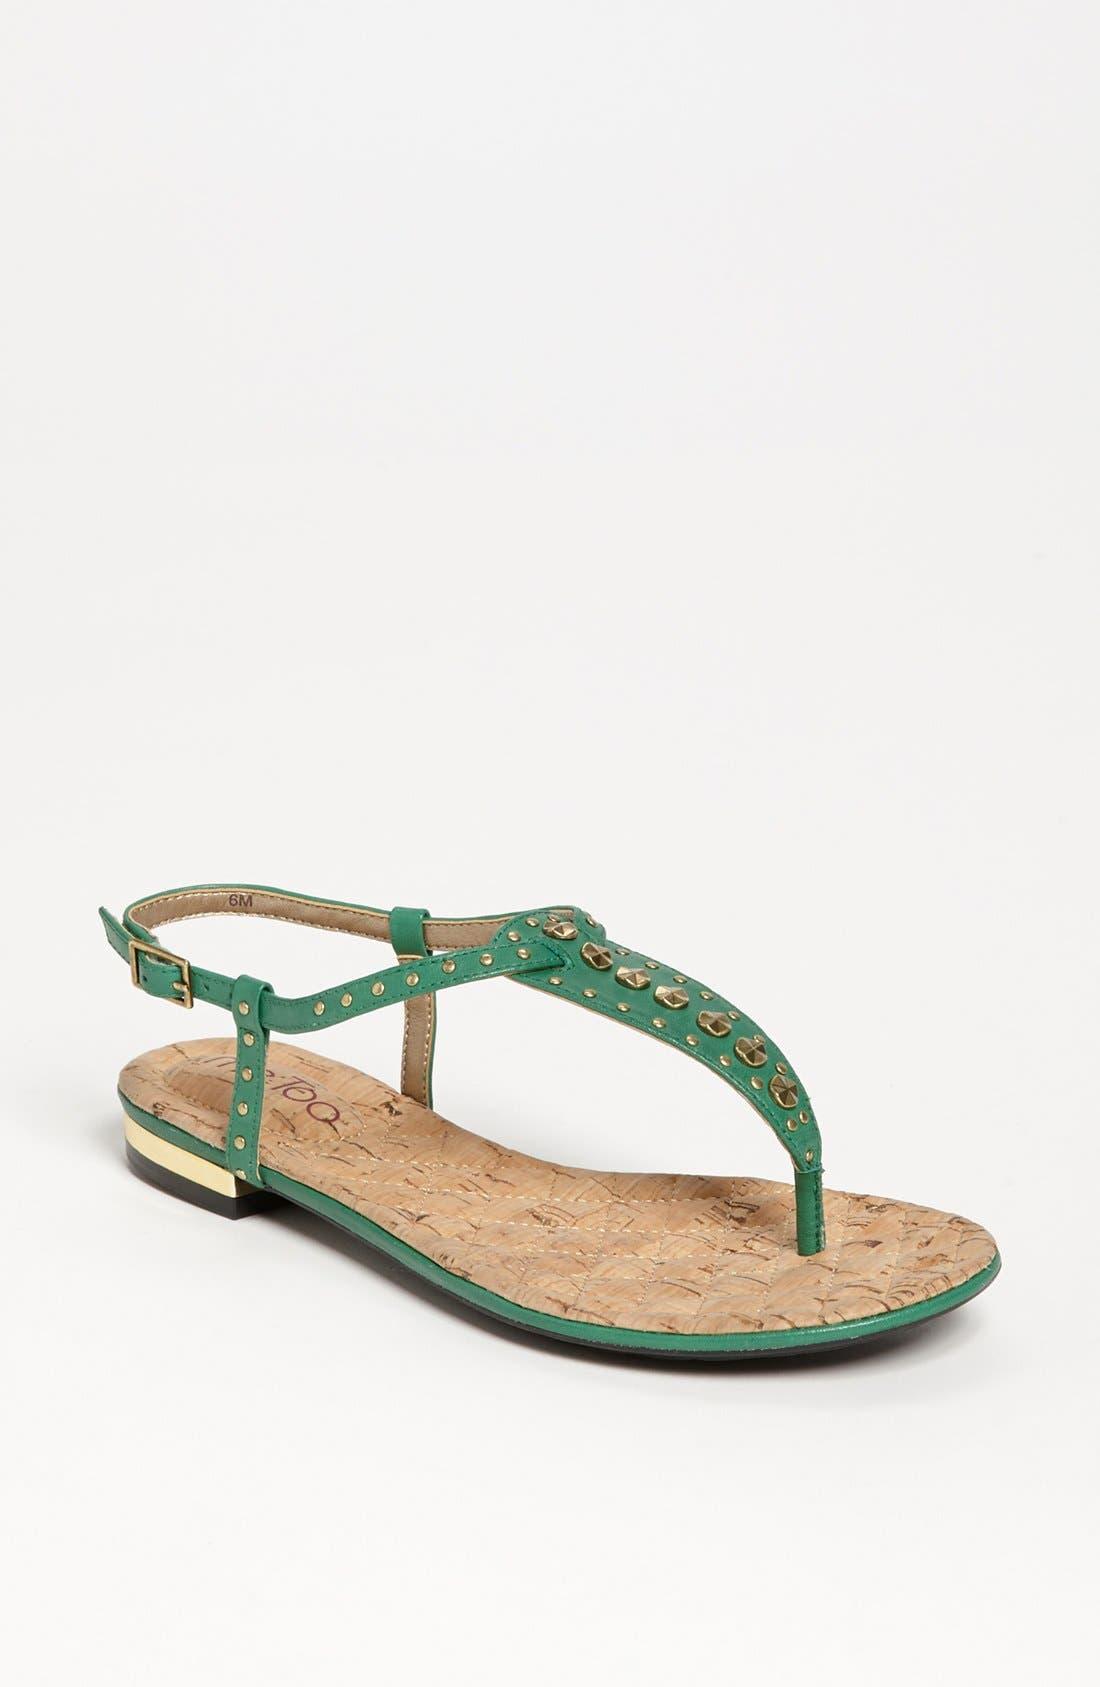 Main Image - Me Too 'Reno' Sandal